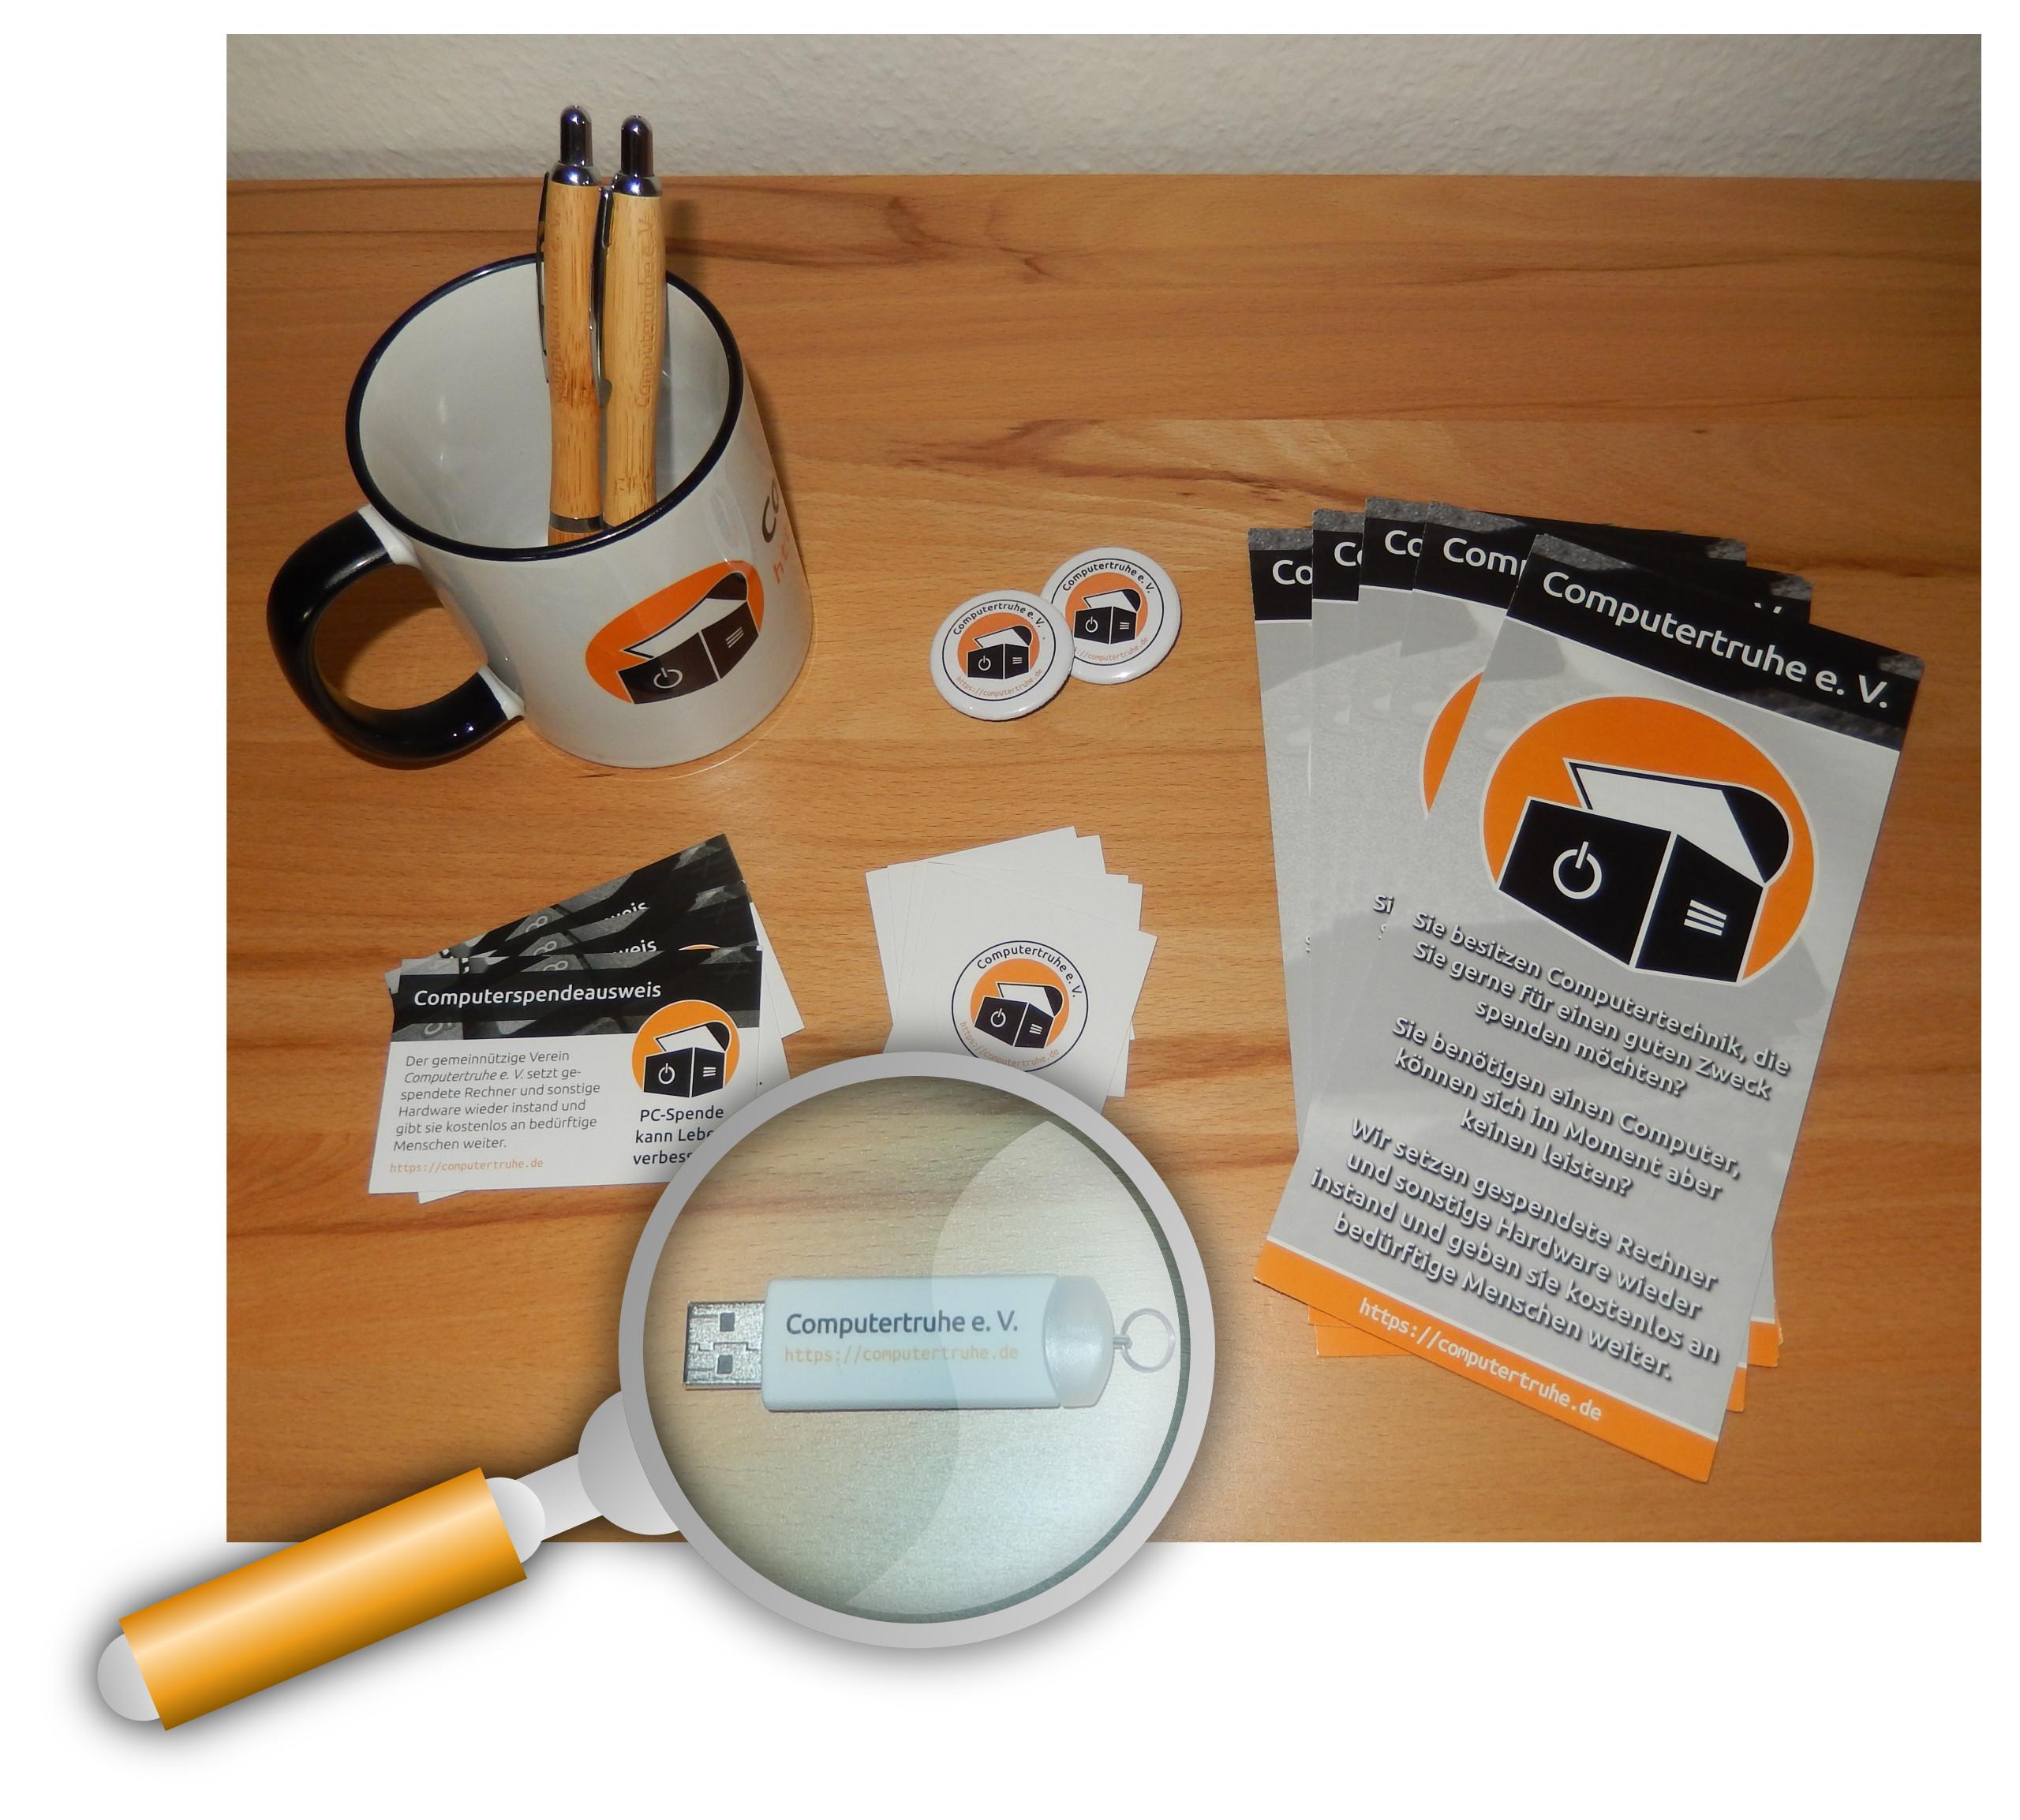 Auf einer Oberfläche aus Holz befinden sich Info- und Werbemittel des Vereins: Eine Tasse, zwei Kugelschreiber, zwei Ansteckpins, drei Computerspendeausweise, fünf Aufkleber, fünf Infofaltblätter und ein USB-Stick, der durch eine Lupe (bestehend aus einer Grafik) vergrößert dargestellt wird.